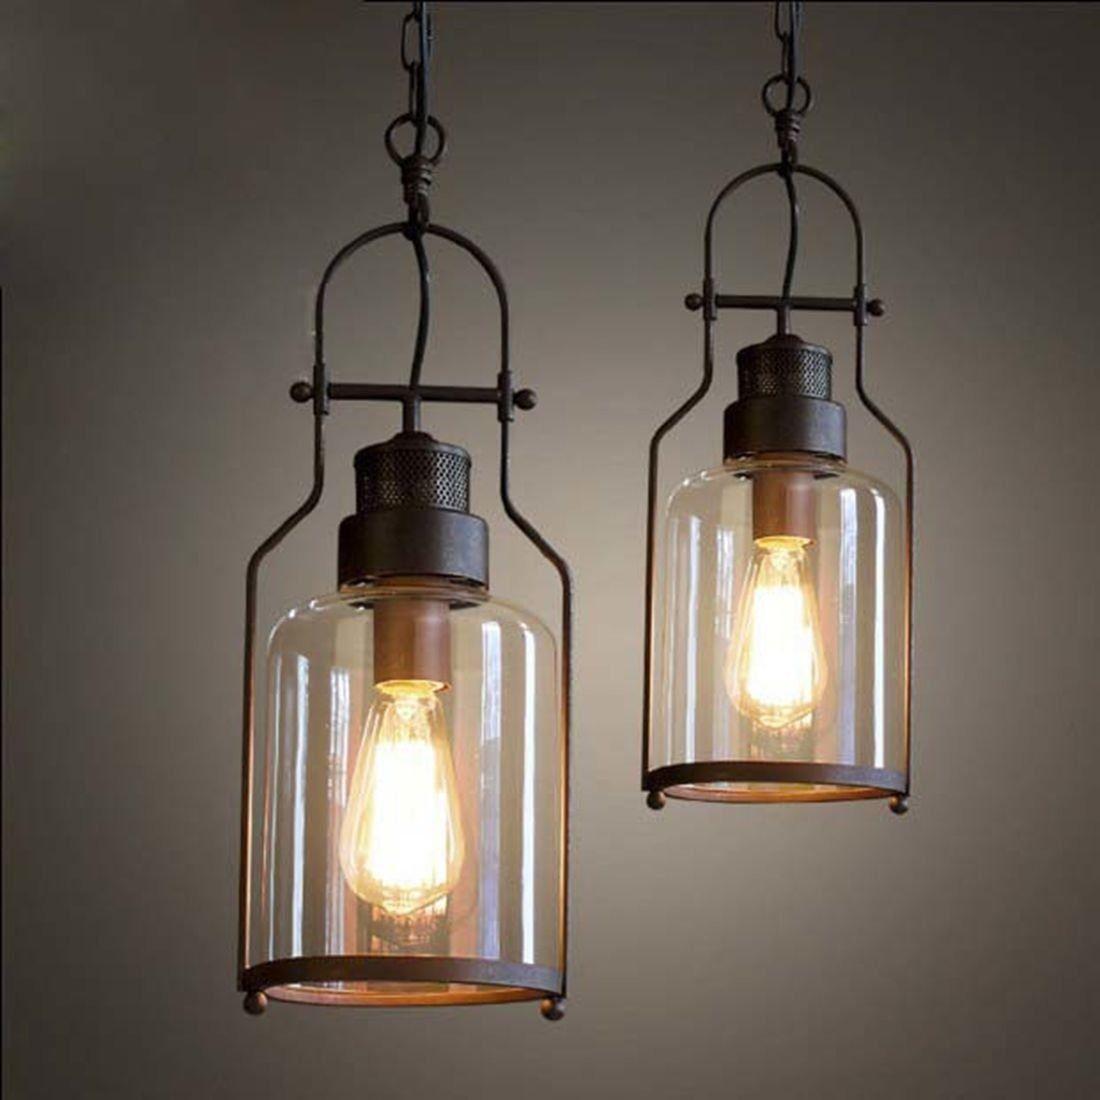 Metall Lampe Industrie Look